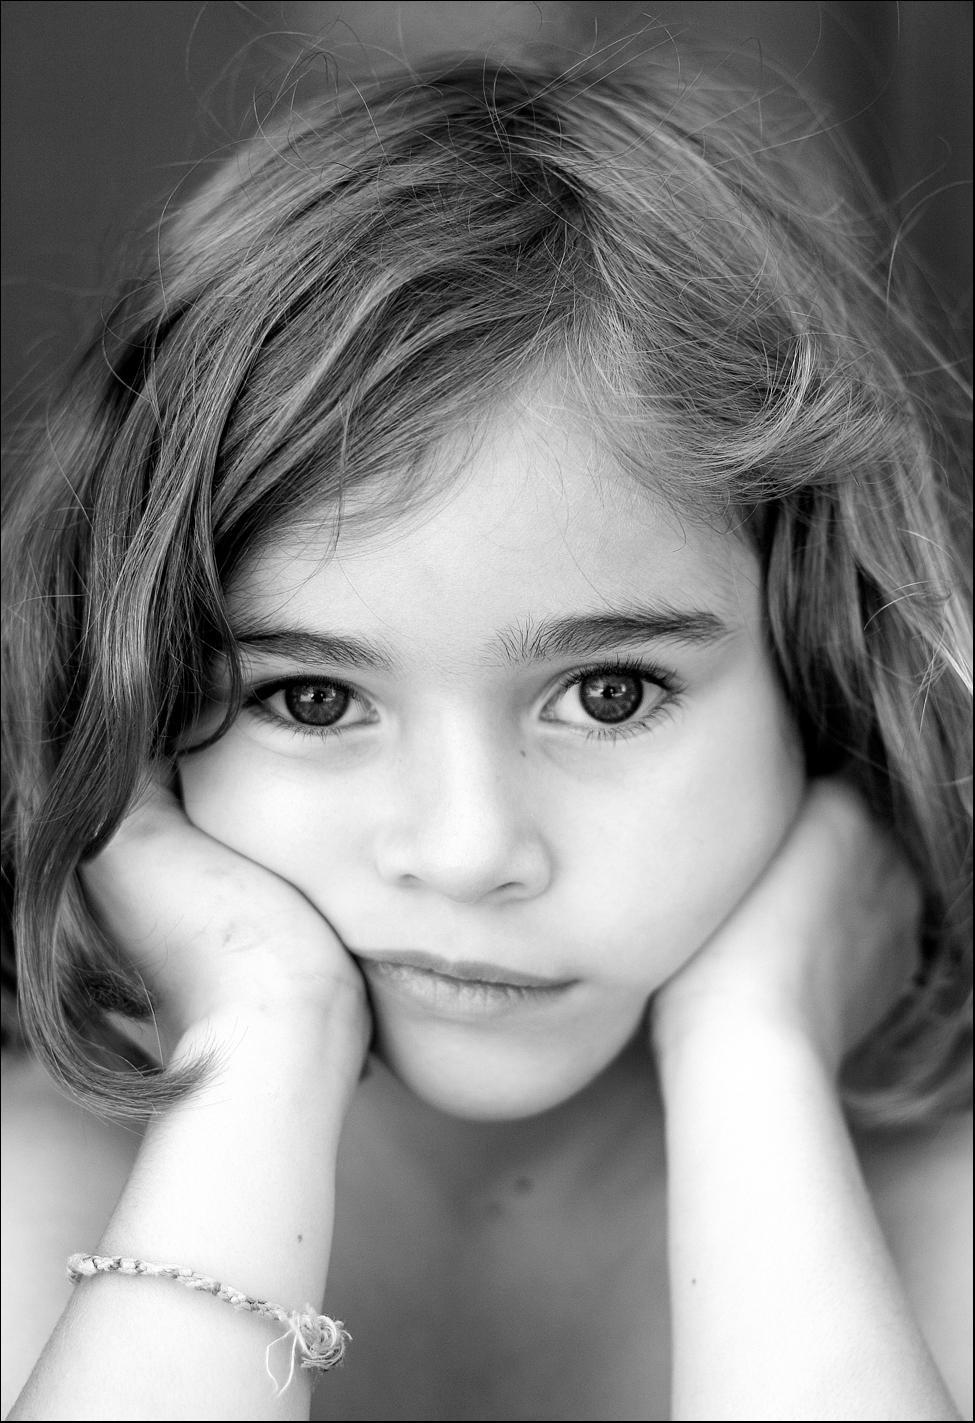 صوره صور بنت زعلانه , قلب البنات حساس من الزعل